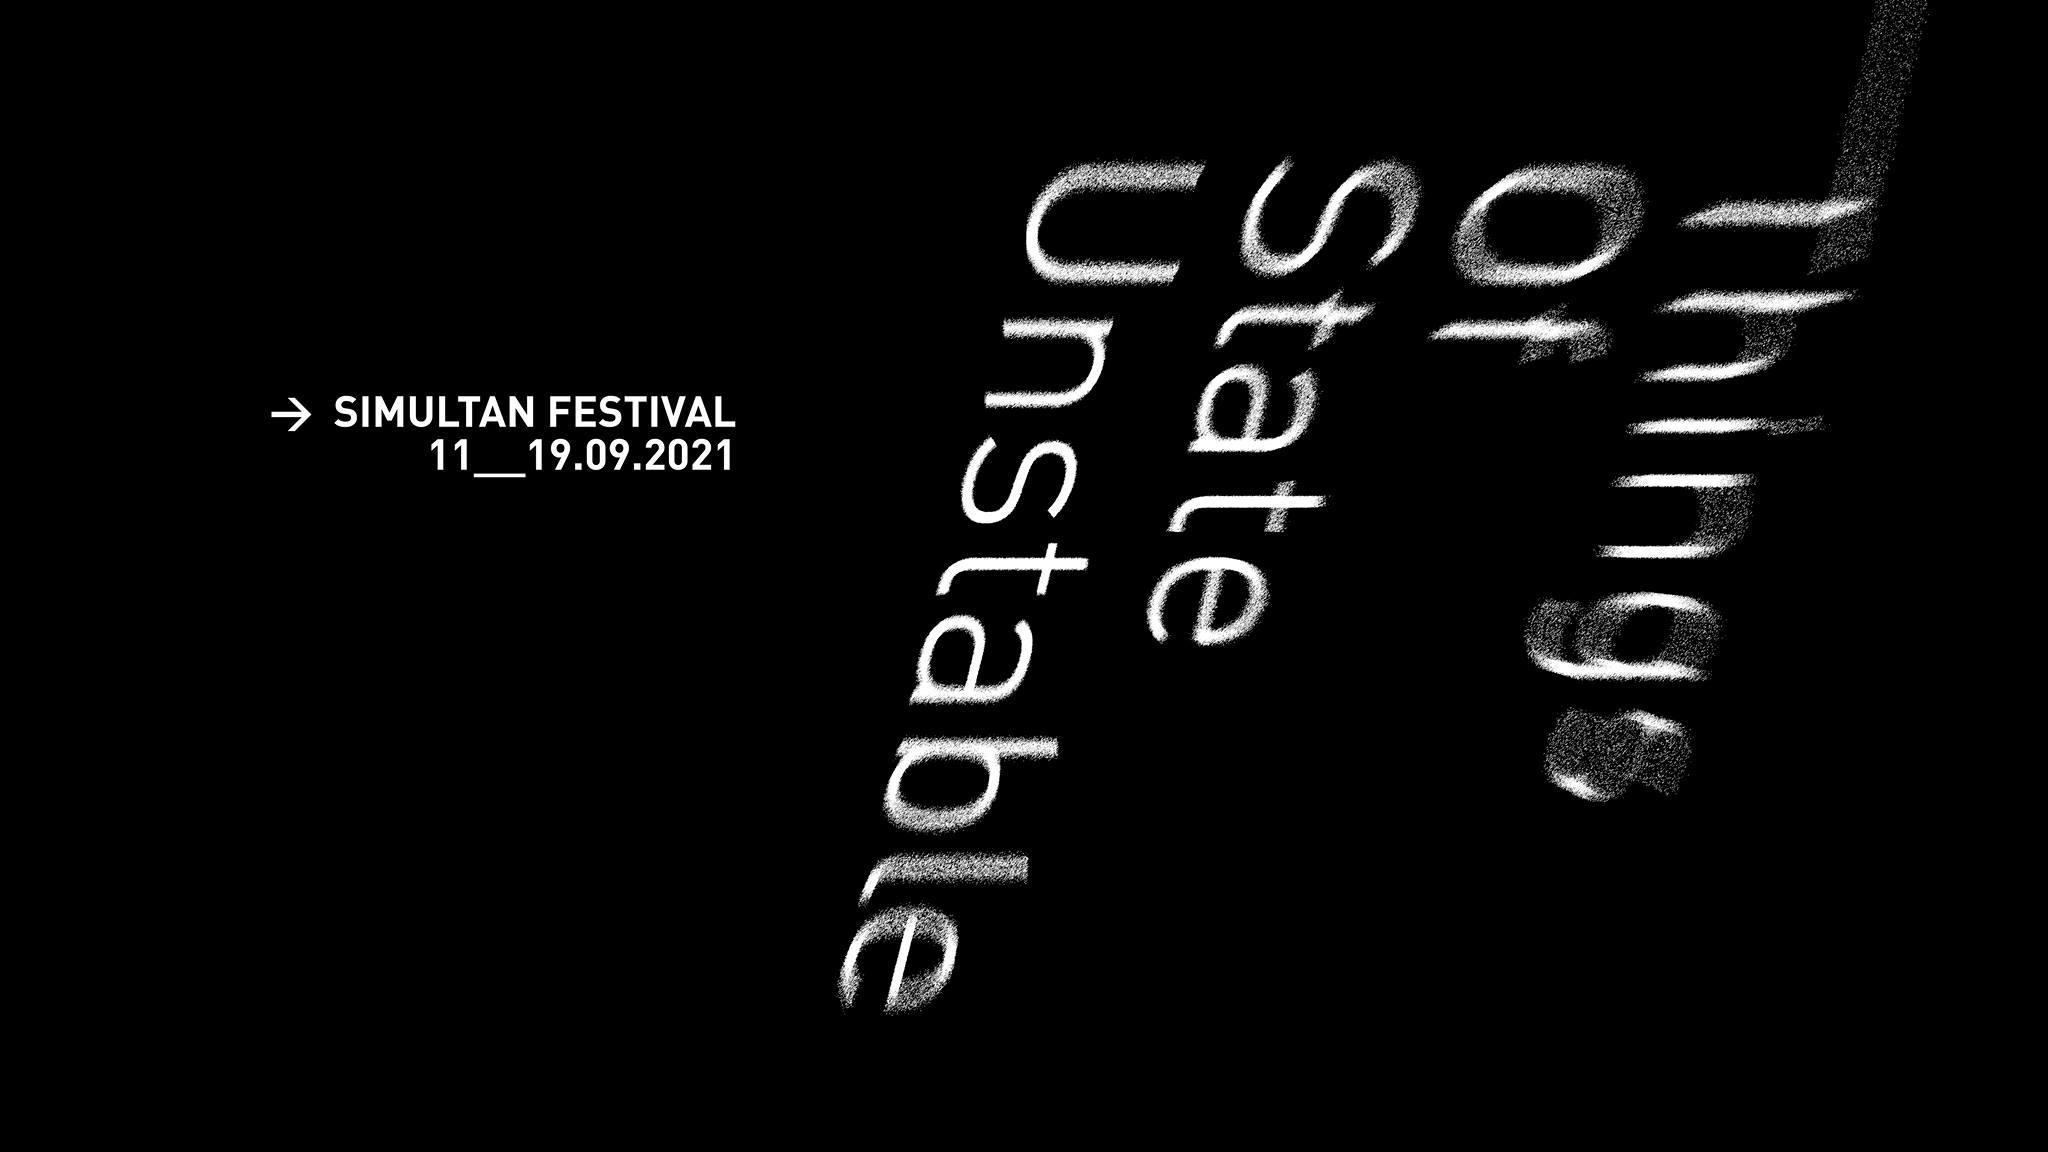 Simultan Festival 2021